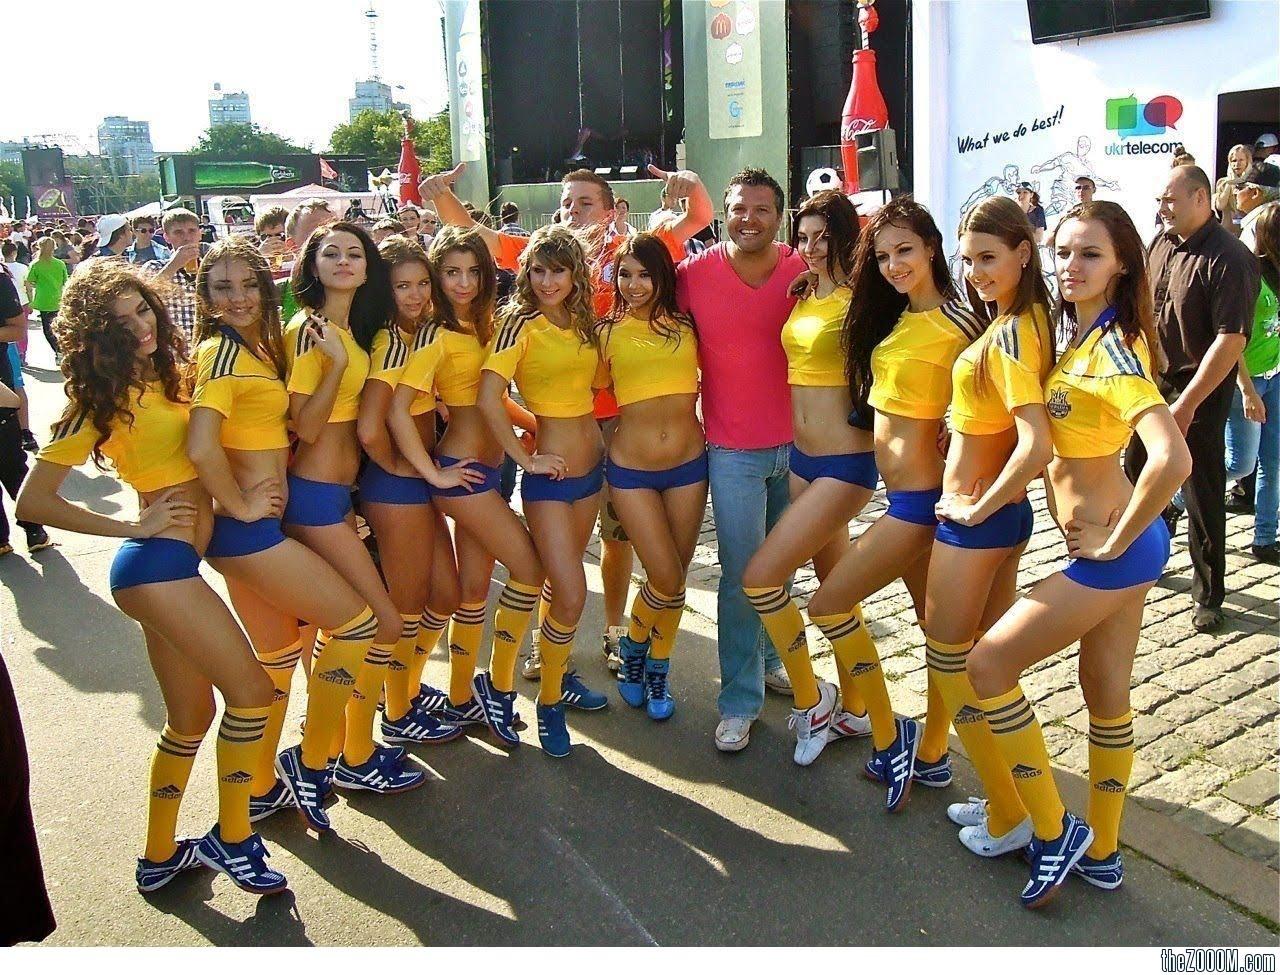 http://1.bp.blogspot.com/-7E9YFOROxEQ/T-XTt_-aEuI/AAAAAAAAA9k/n3e3hpv1Wz4/s1600/Ukraine-Fans-Girls-From-Euro-2012.jpg